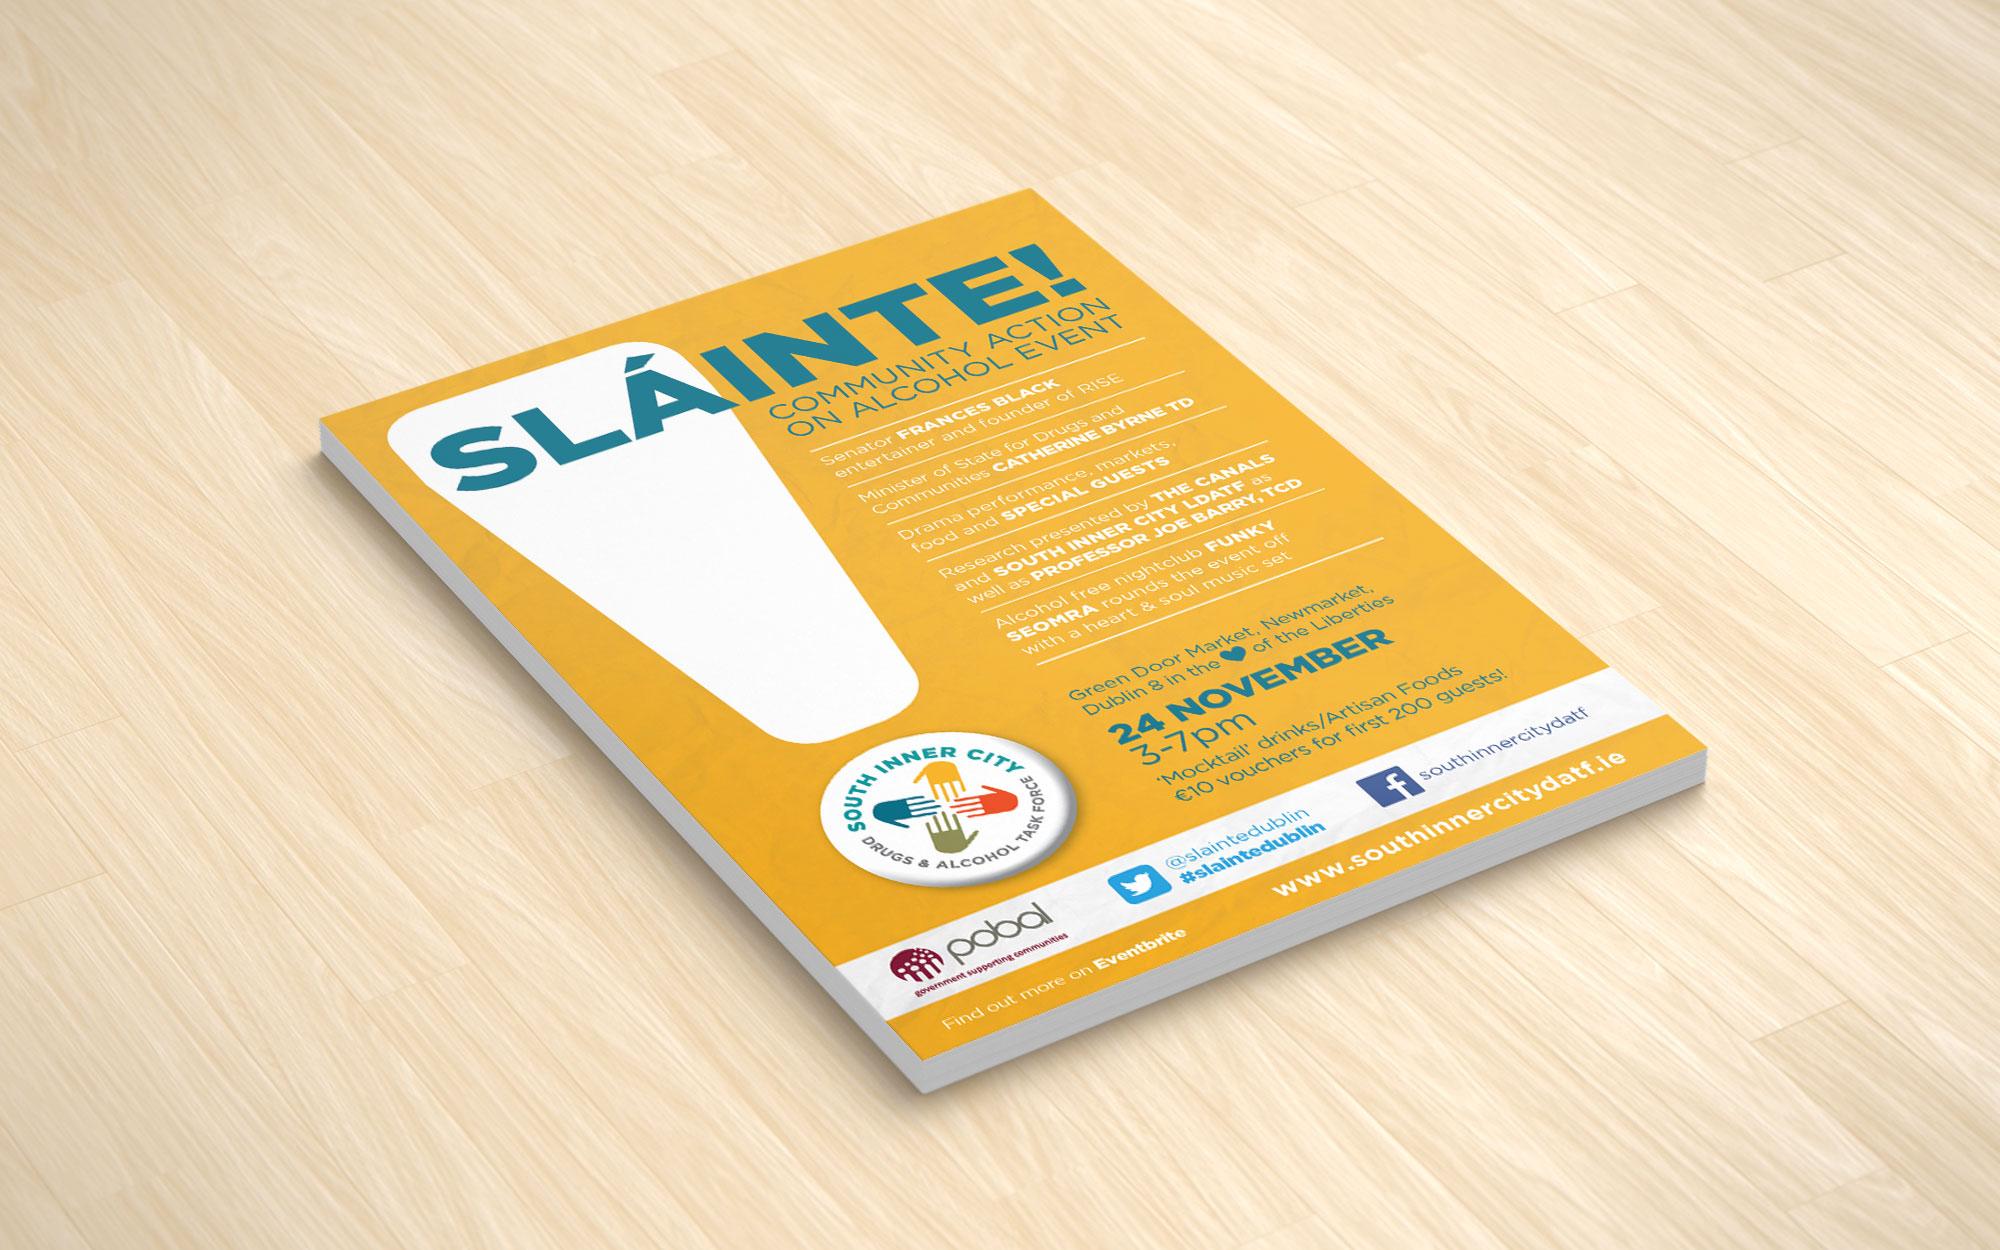 SICDTF_A5_Leaflets-3